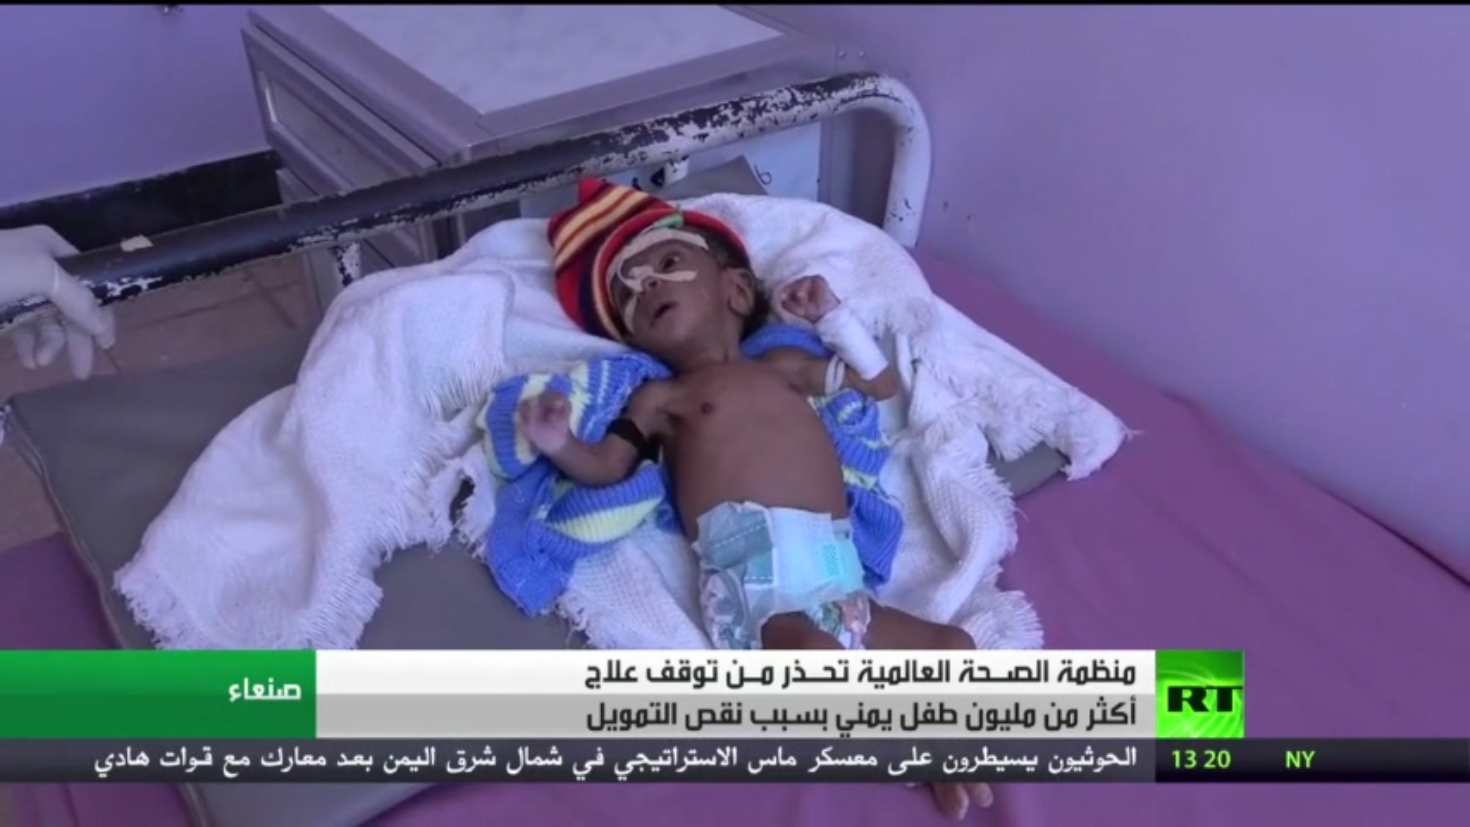 تحذير لمنظمة الصحة العالمية بشأن أطفال اليمن